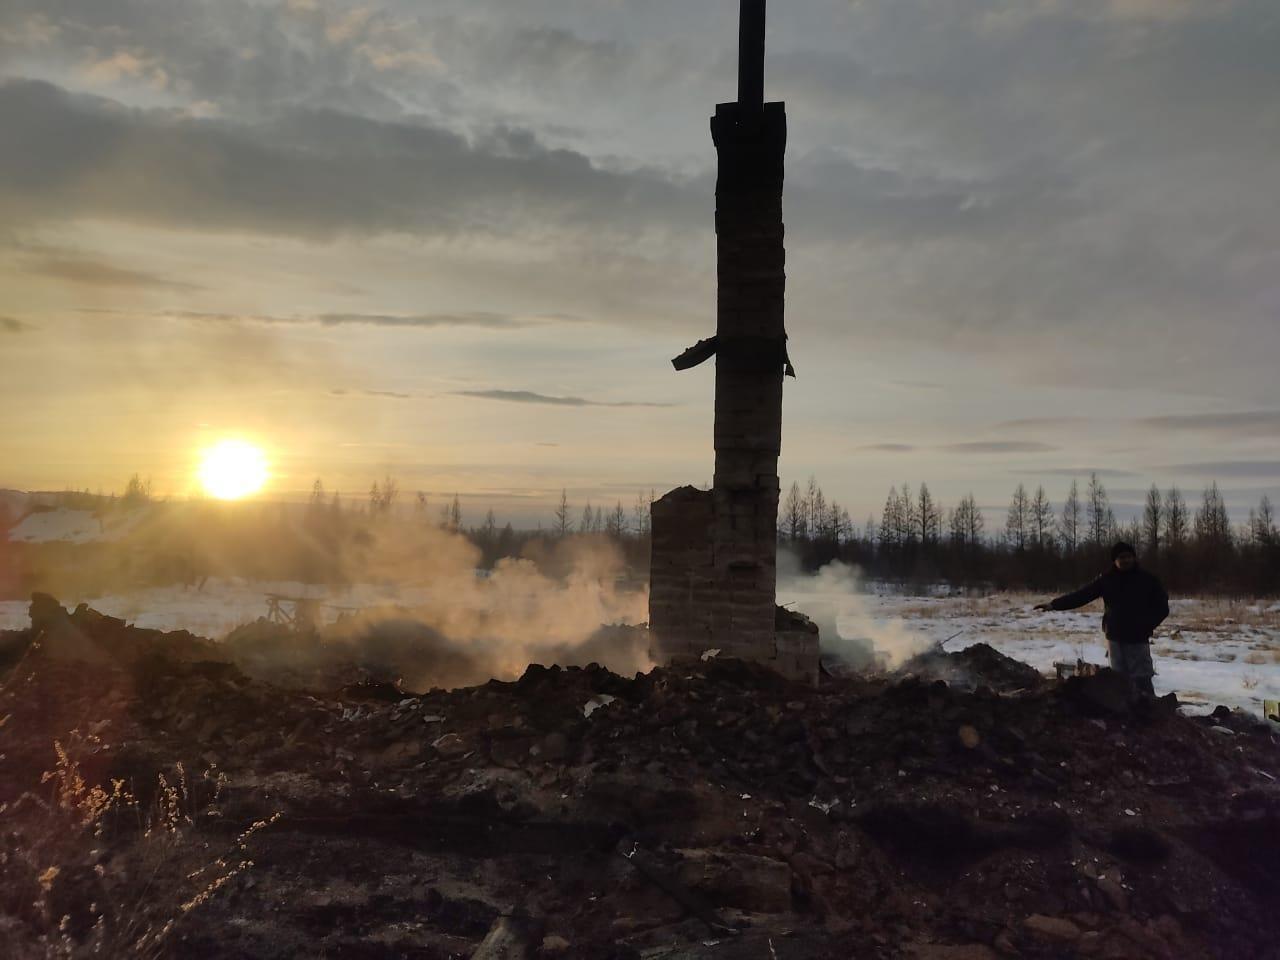 """Средь белого дня в Якутии пропало солнце: в Сети опубликовали """"апокалиптические"""" кадры"""